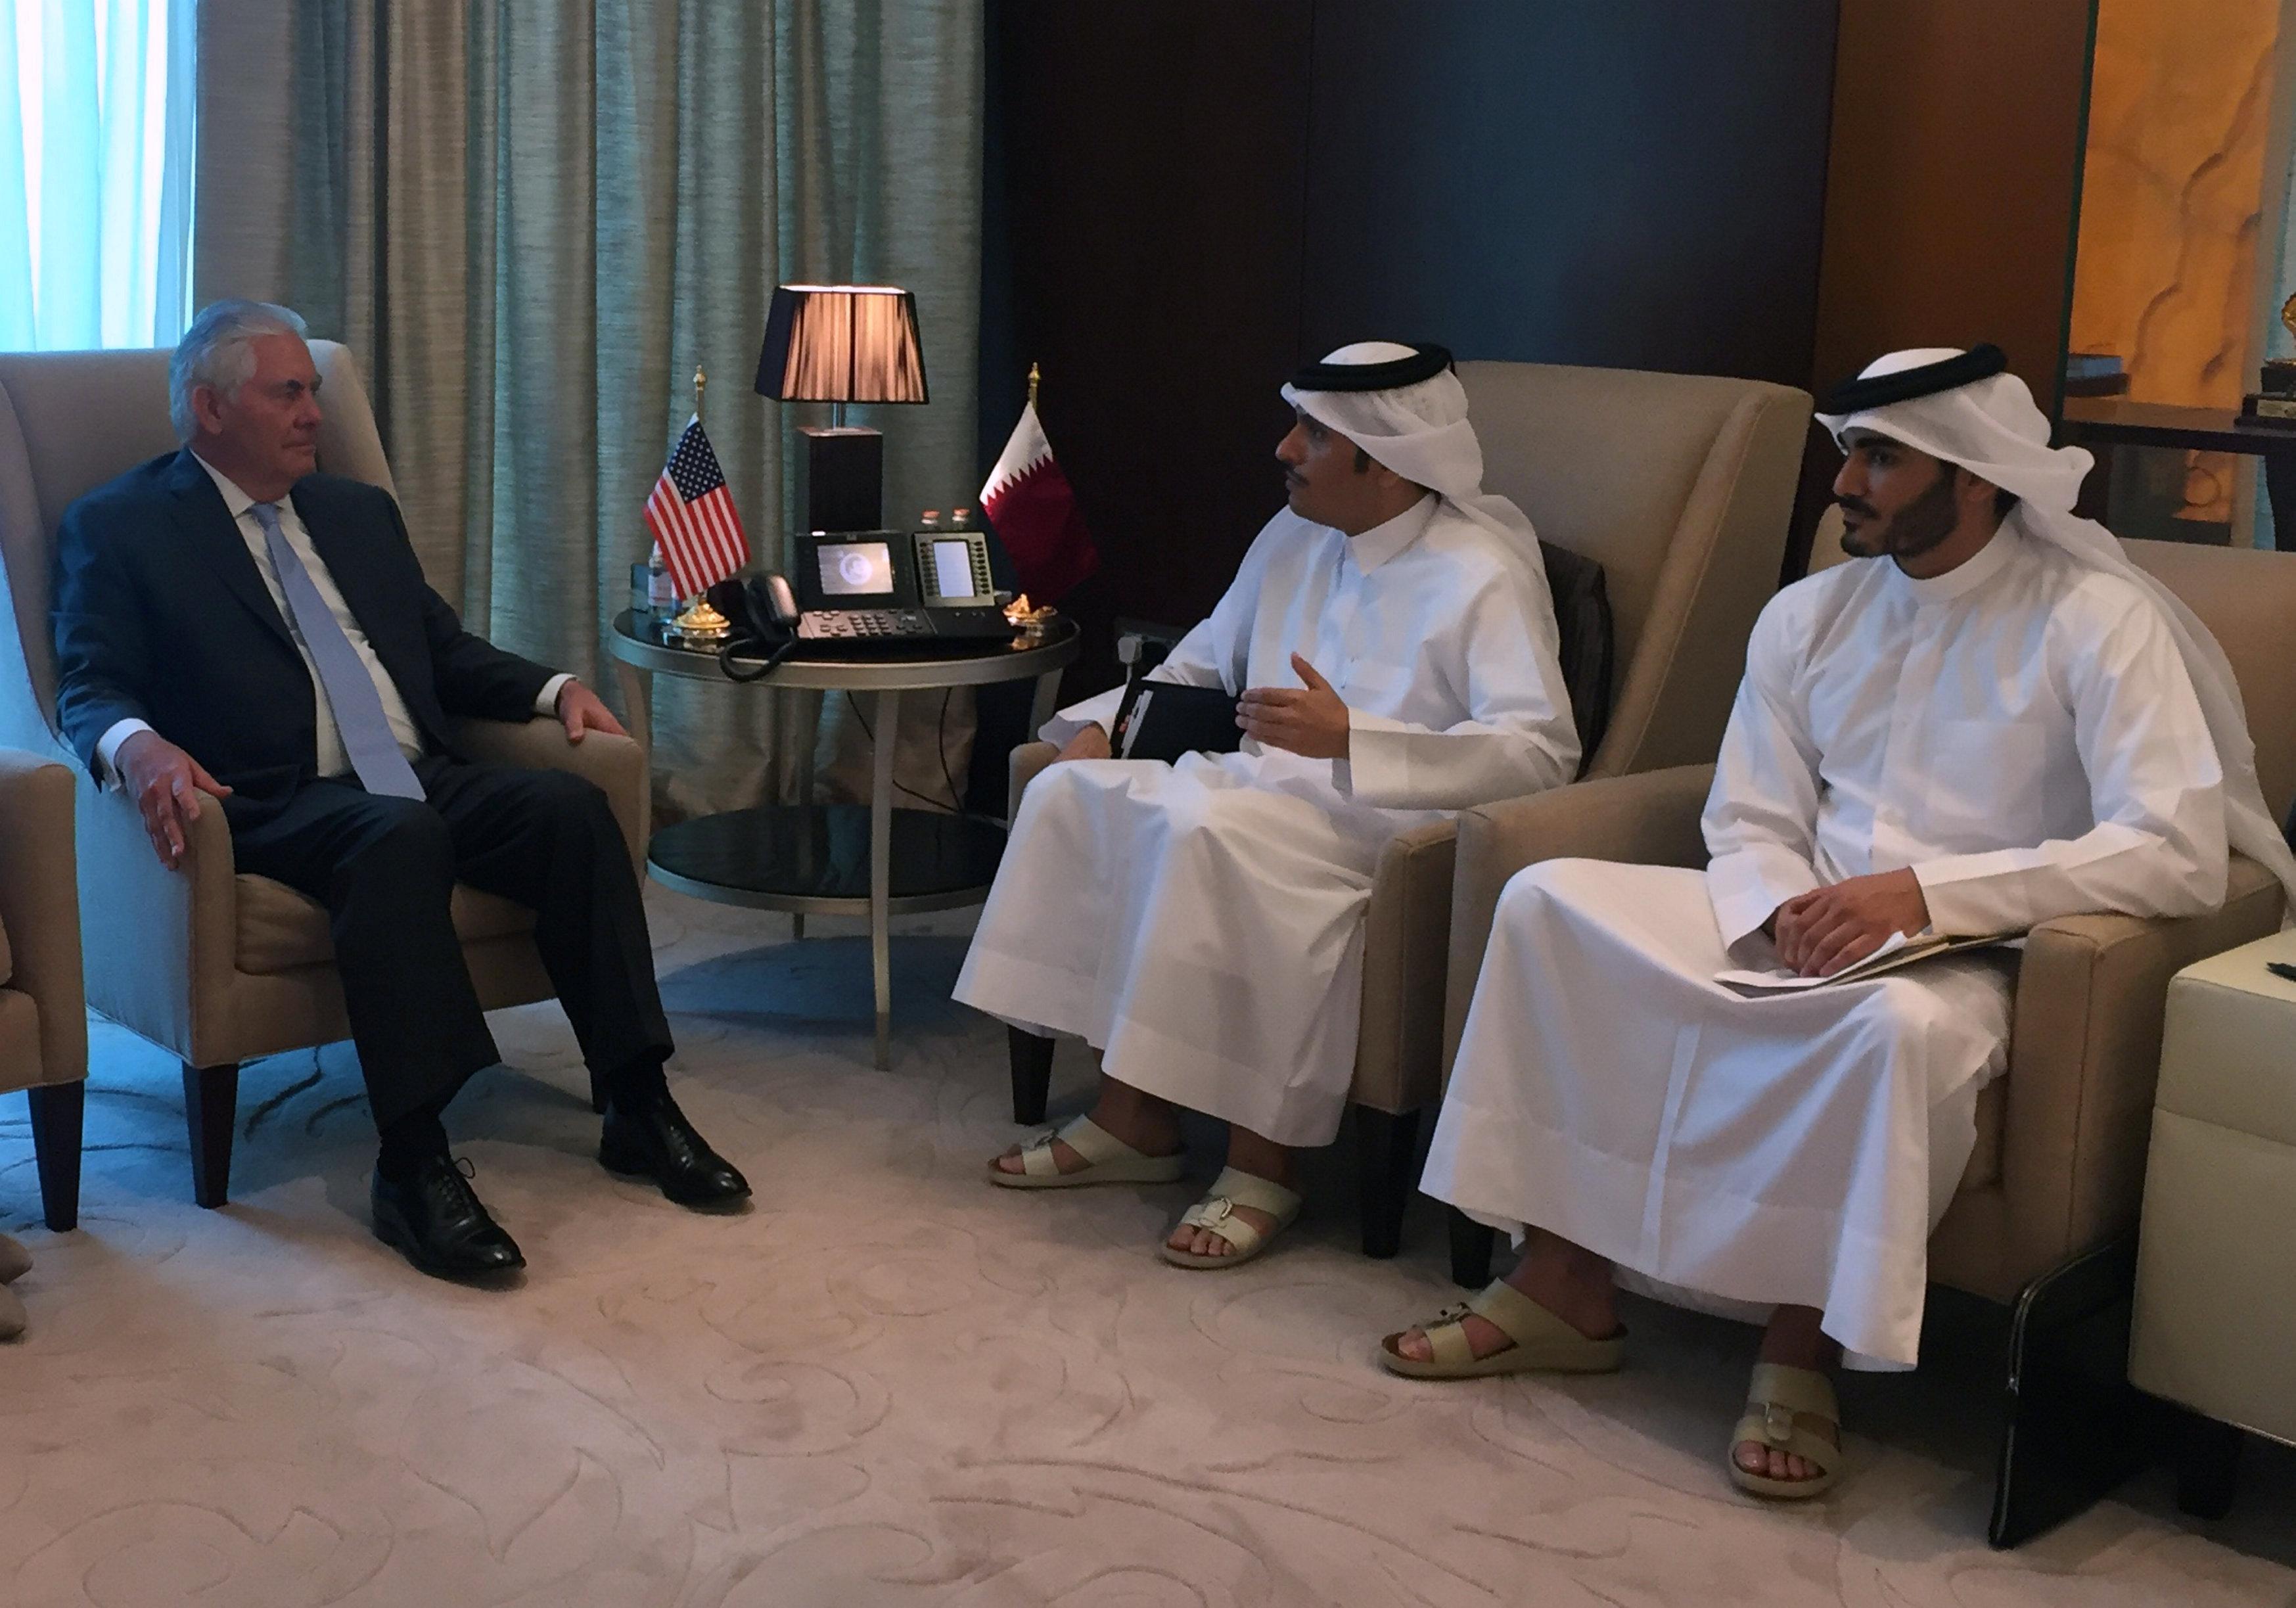 صورة تليرسون من الدوحة :شجعت الأمير تميم على اتخاذ خطوات لوقف دعم الإرهاب